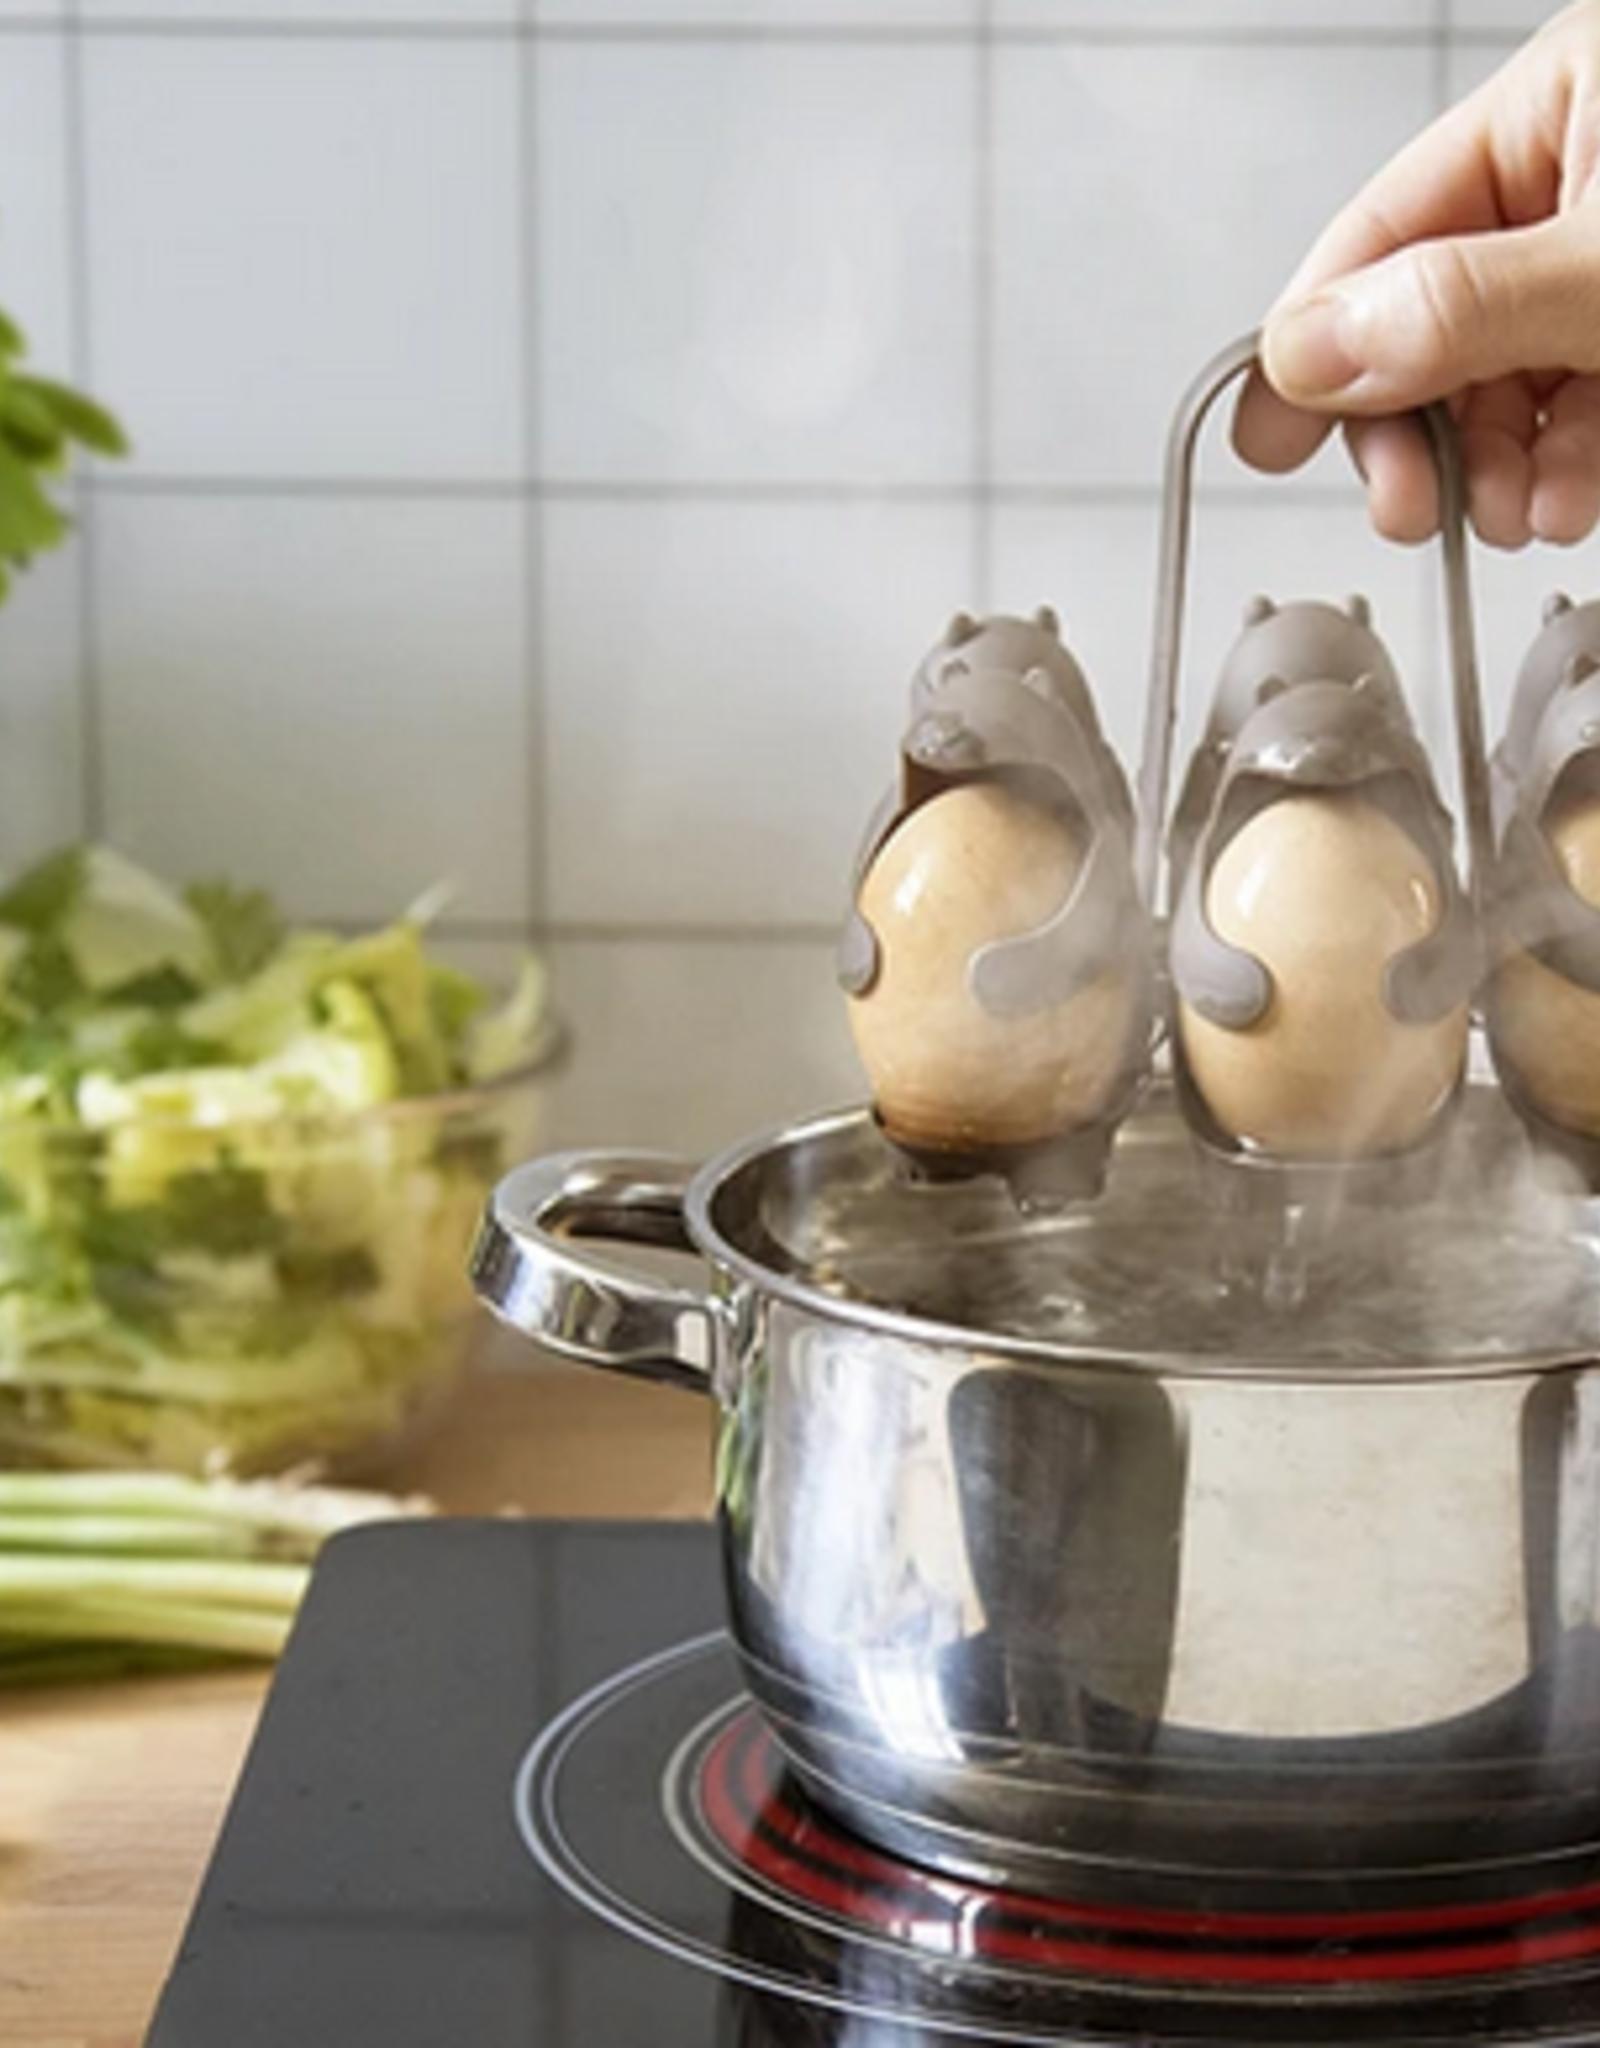 abodee Eggbears